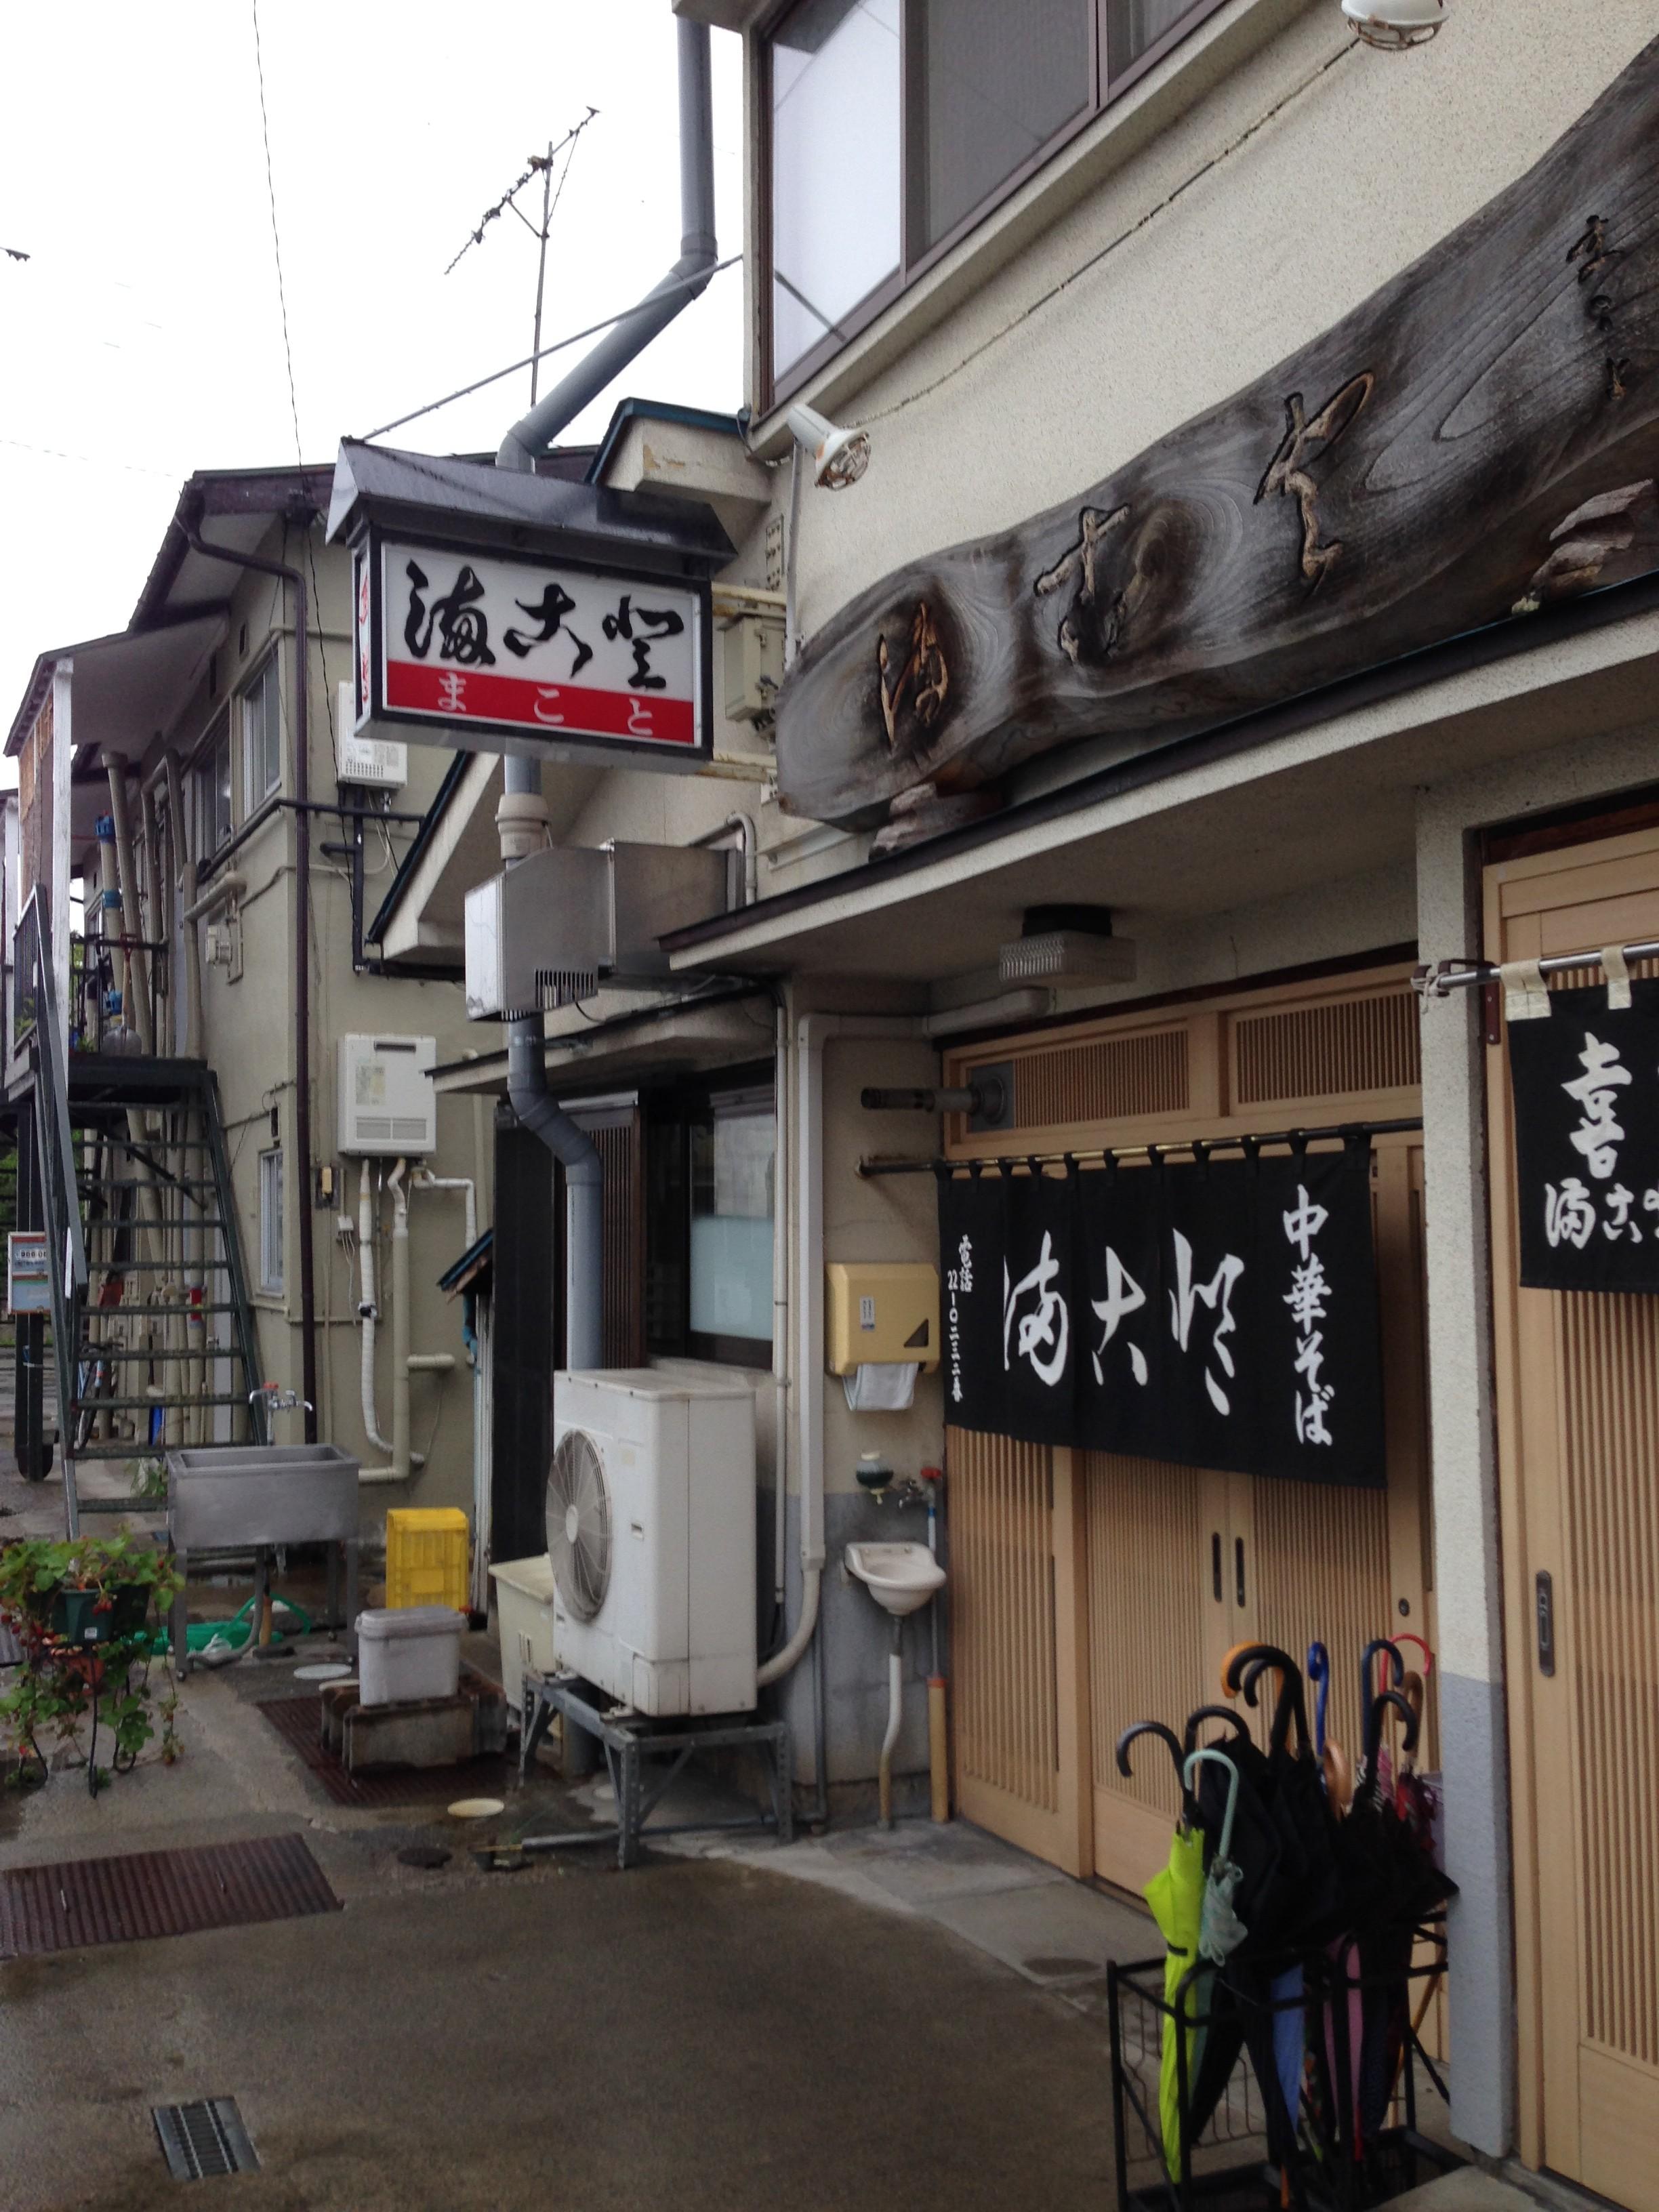 テツの食卓2 まこと食堂(福島県喜多方市)